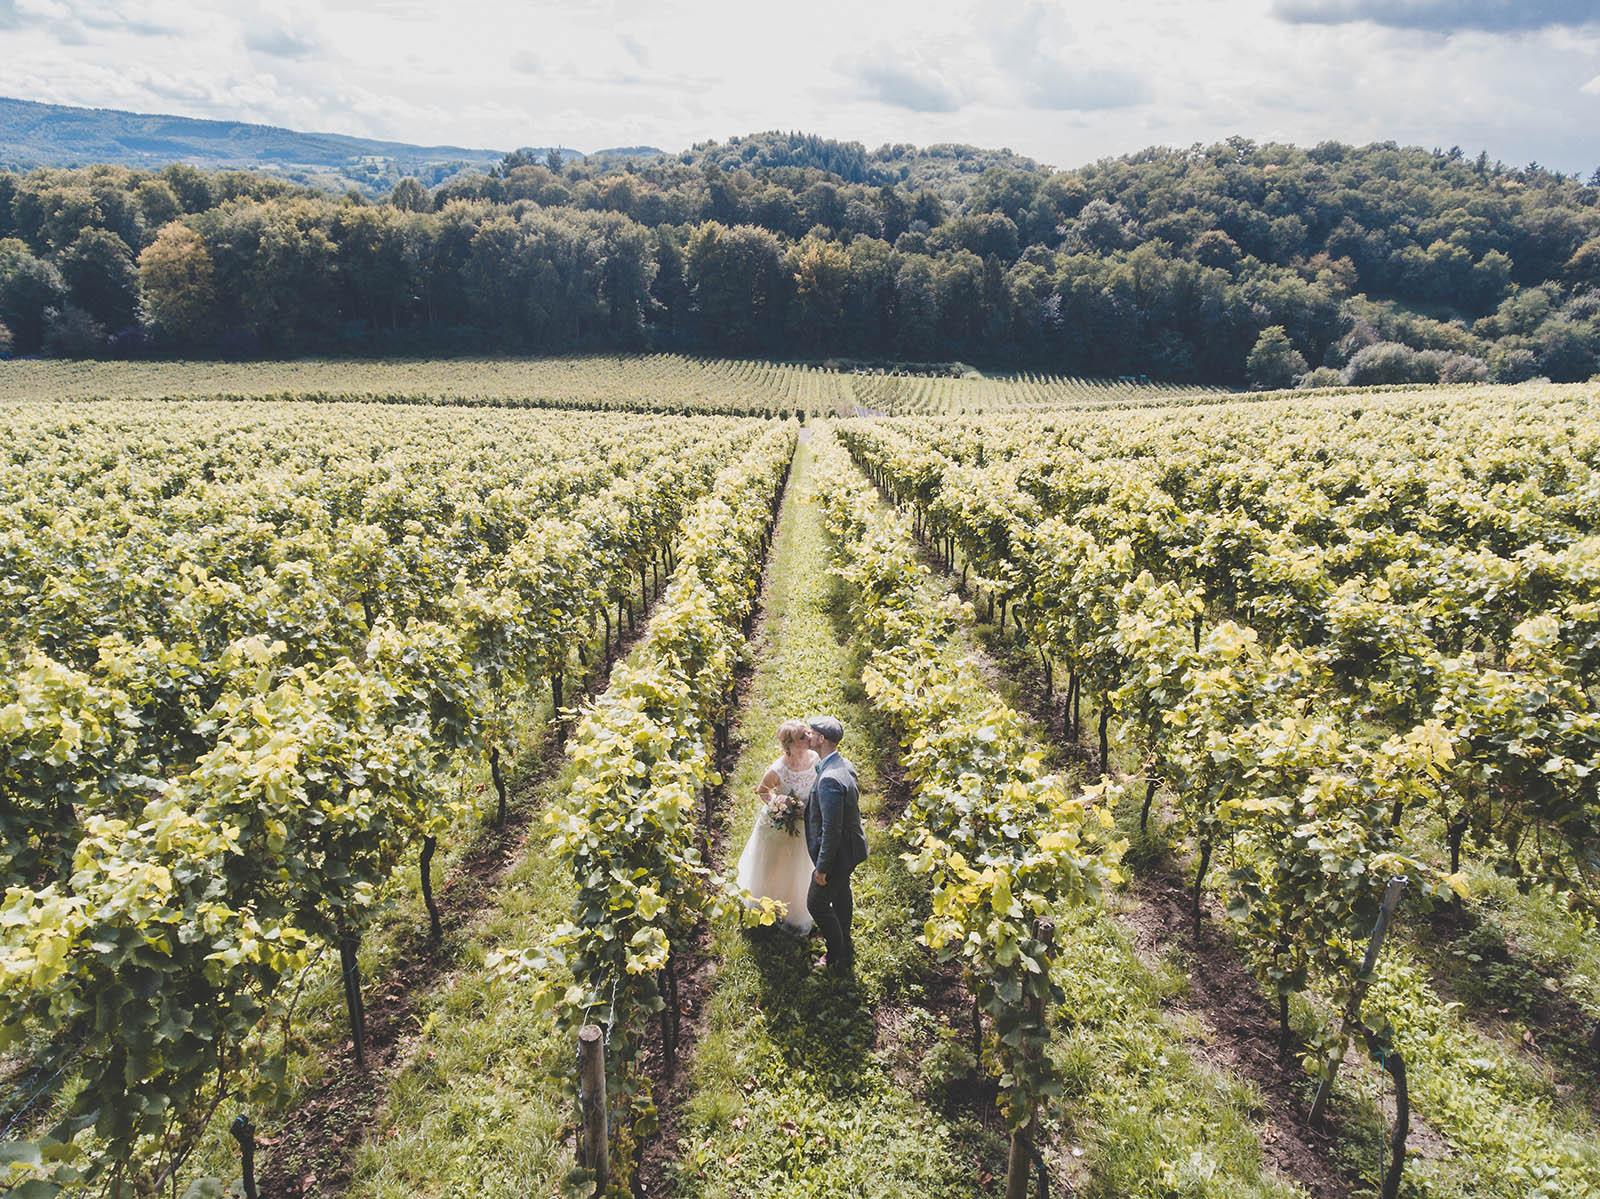 Avete mai pensato al matrimonio in vigna? Un'idea alternativa che celebra il forte legame degli uomini con la terra, con l'armonia della natura. Una sinfonia di profumi, colori, suoni che diventano sfondo e cornice di un giorno davvero indimenticabile.